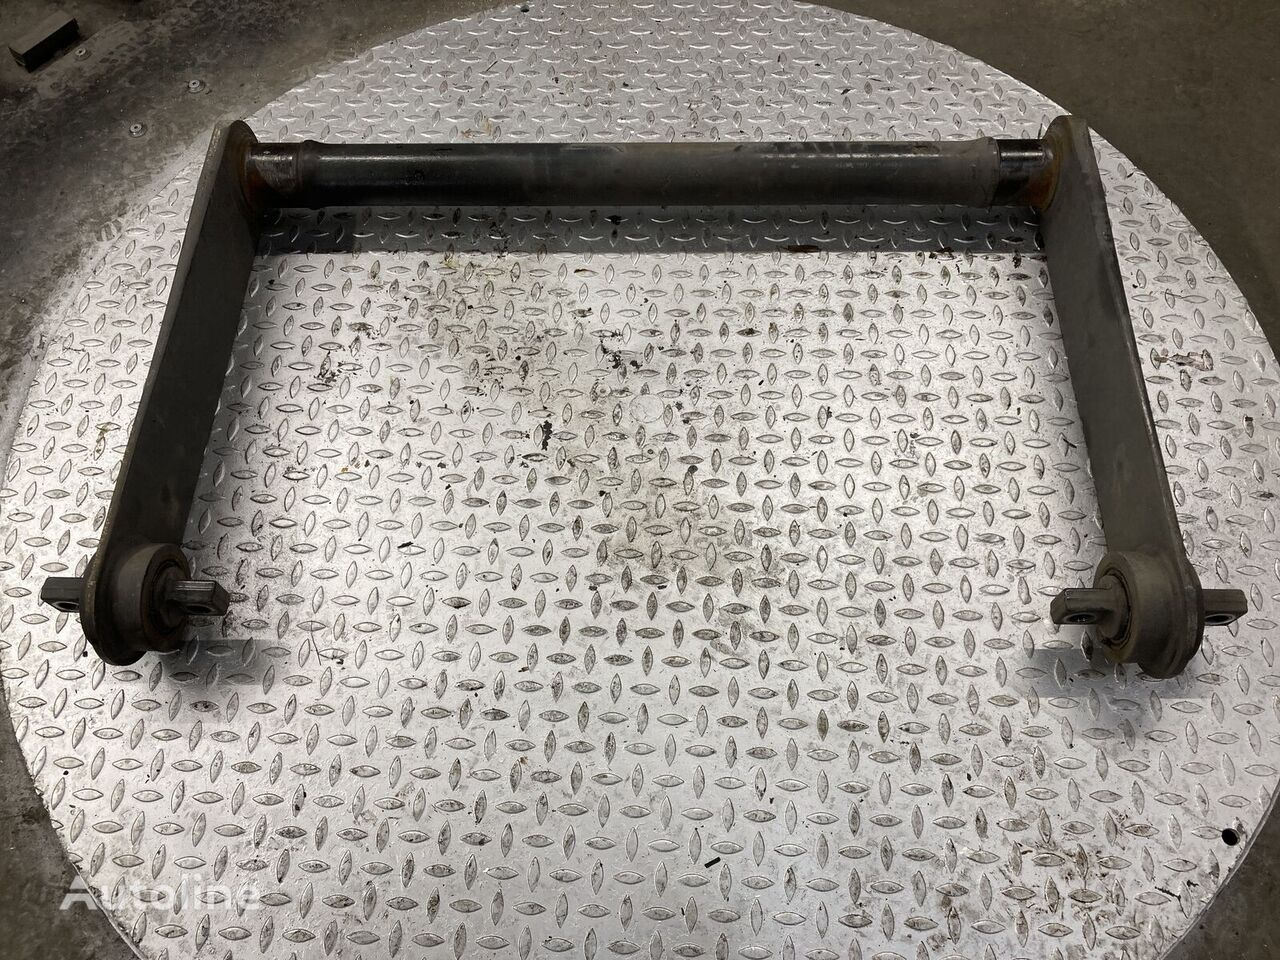 pezzi di ricambi  Torsiestaaf achteras per camion MERCEDES-BENZ Torsiestaaf achteras